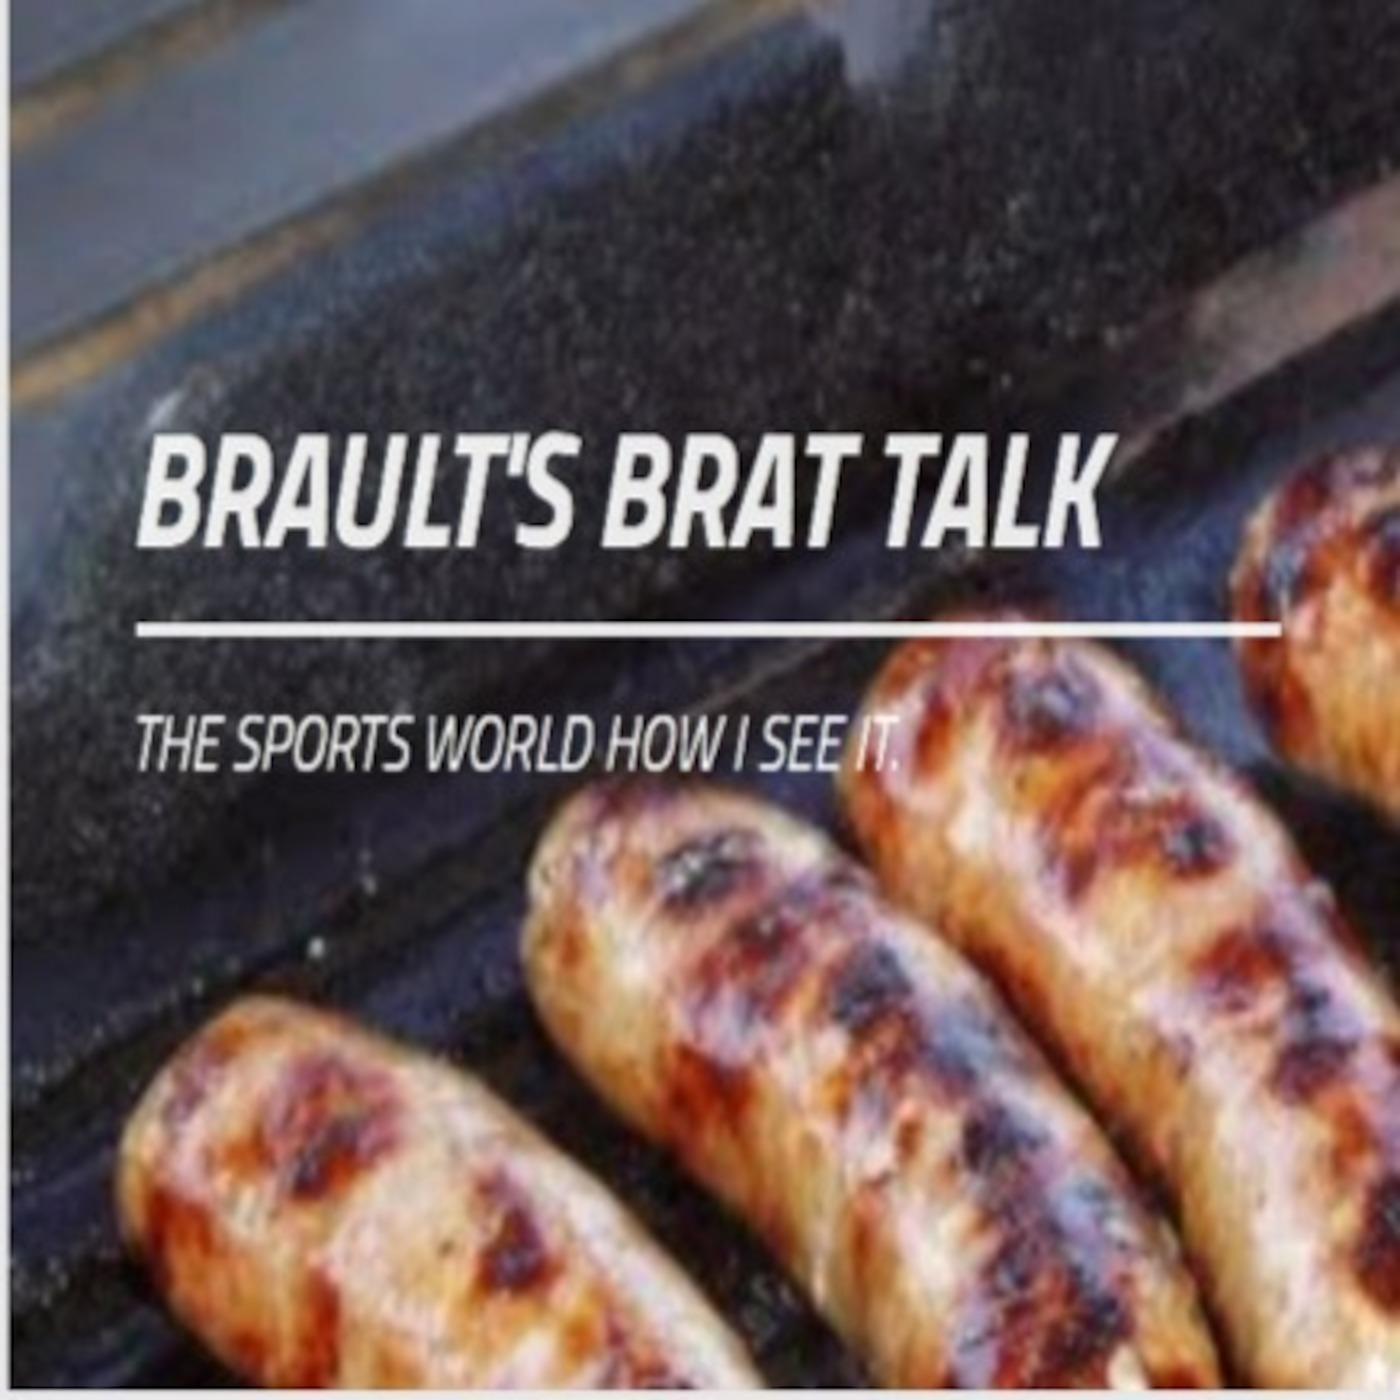 Brault's Brat Talk